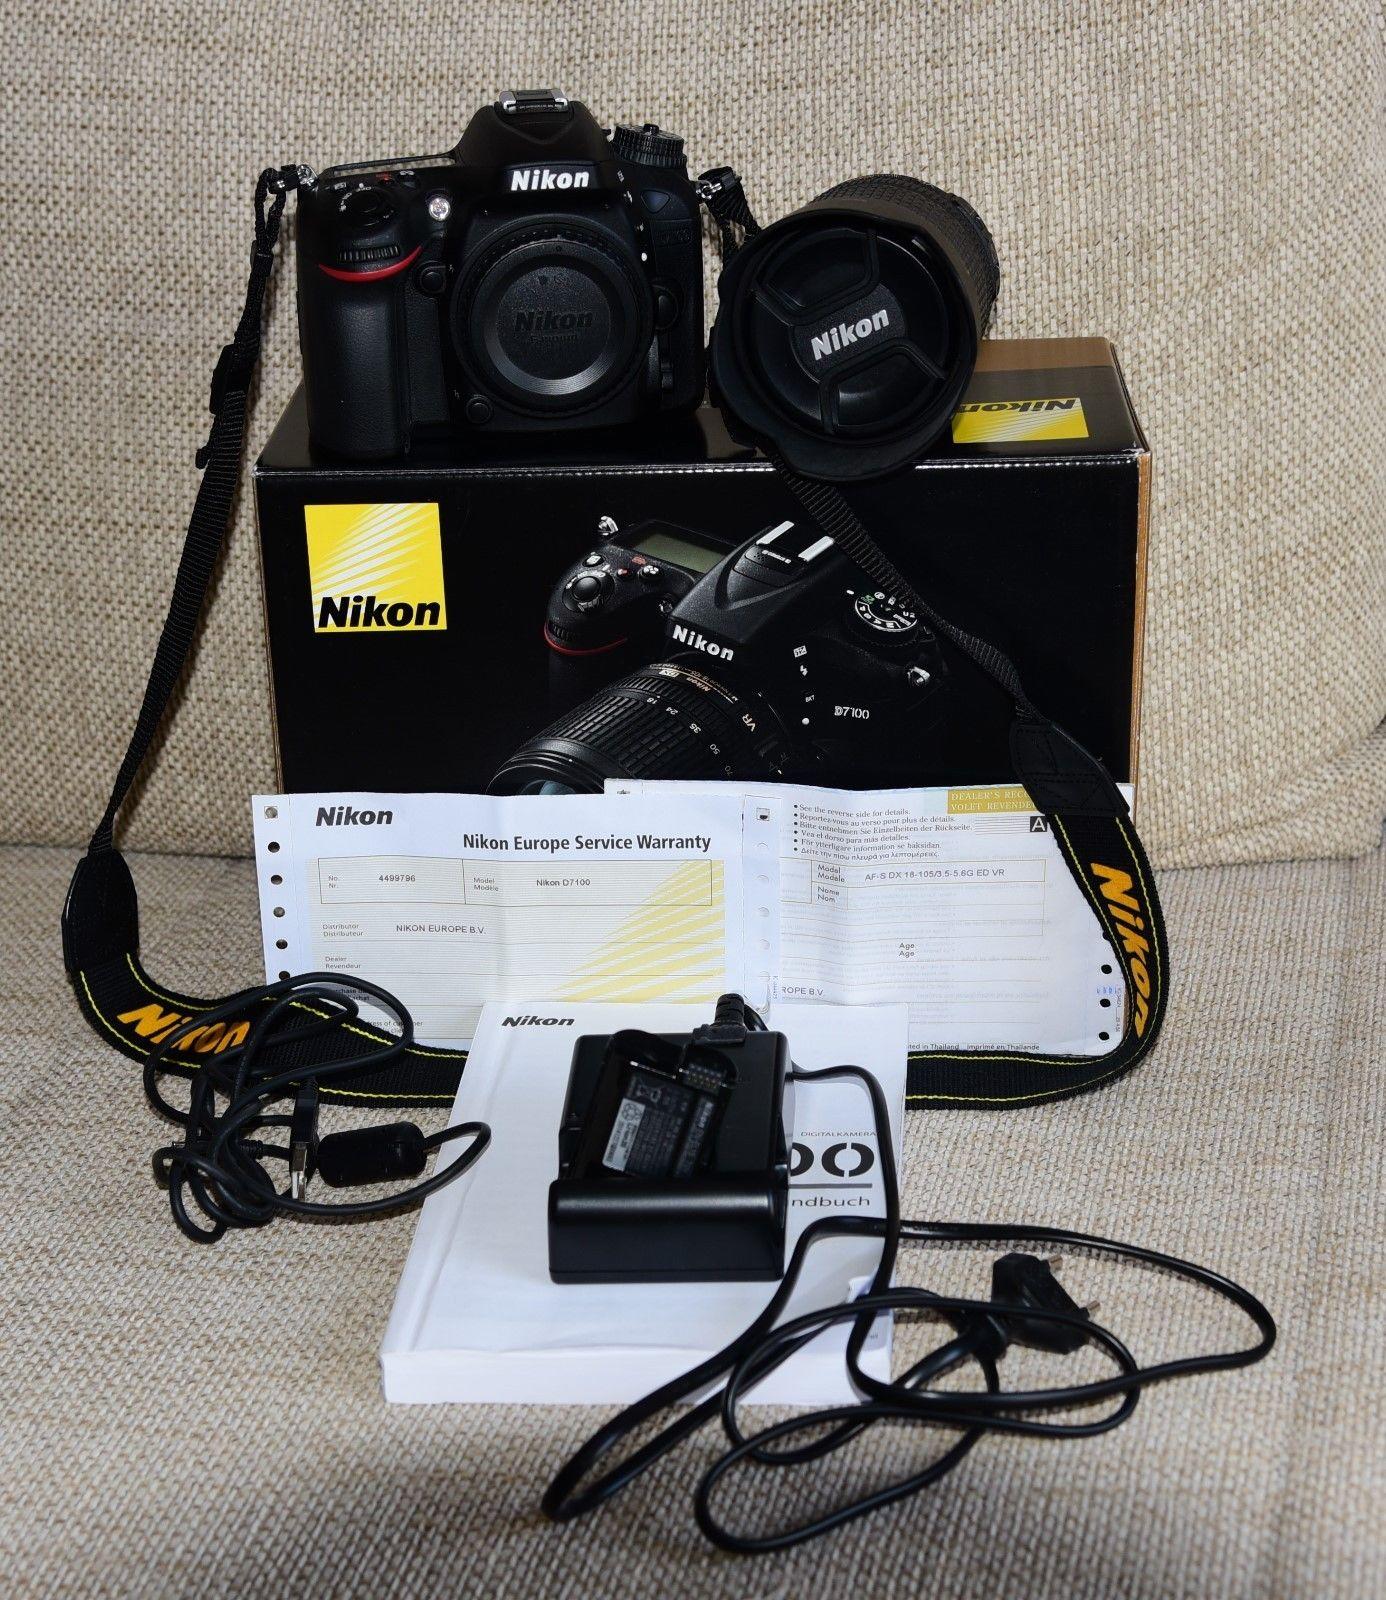 D7100-DSLR (Kit m/ AF-S DX 18-105mm...)-TOP-ZUSTAND-1447 Klicks !